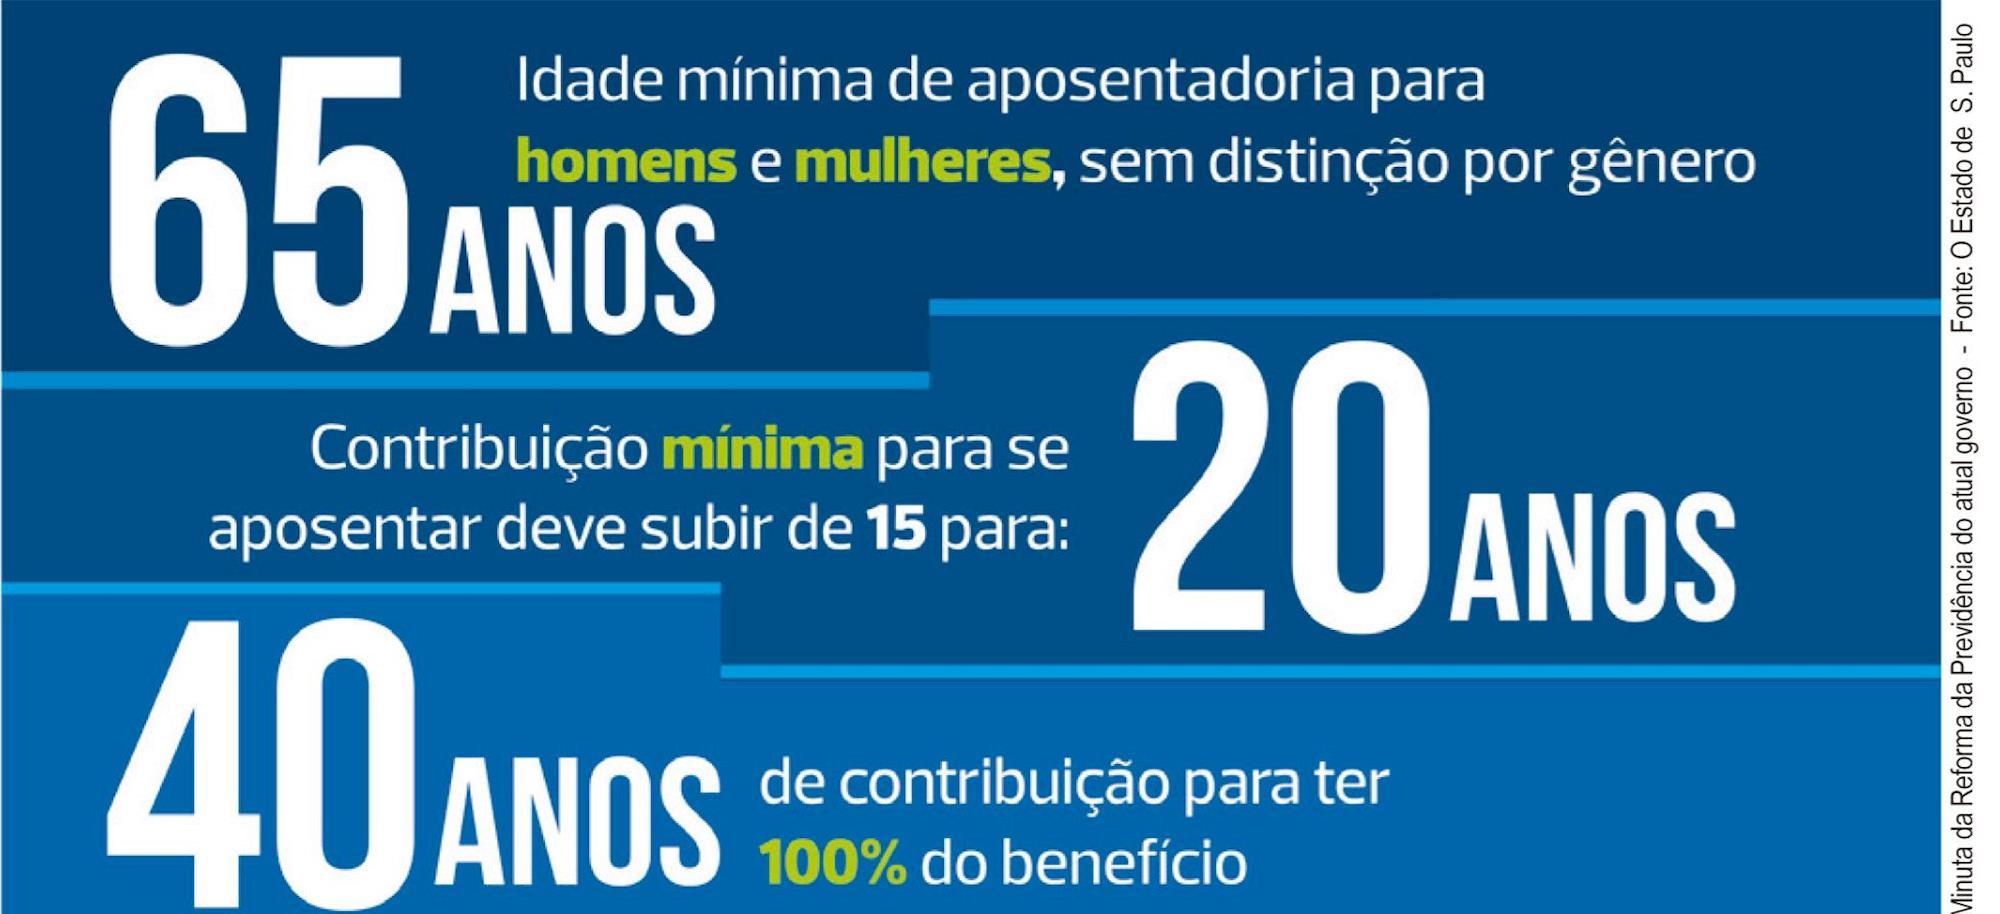 previdência, reforma, aposentadoria, bolsonaro, FONTE: jornal Estado de S. Paulo / ARTE: Cassio Freire